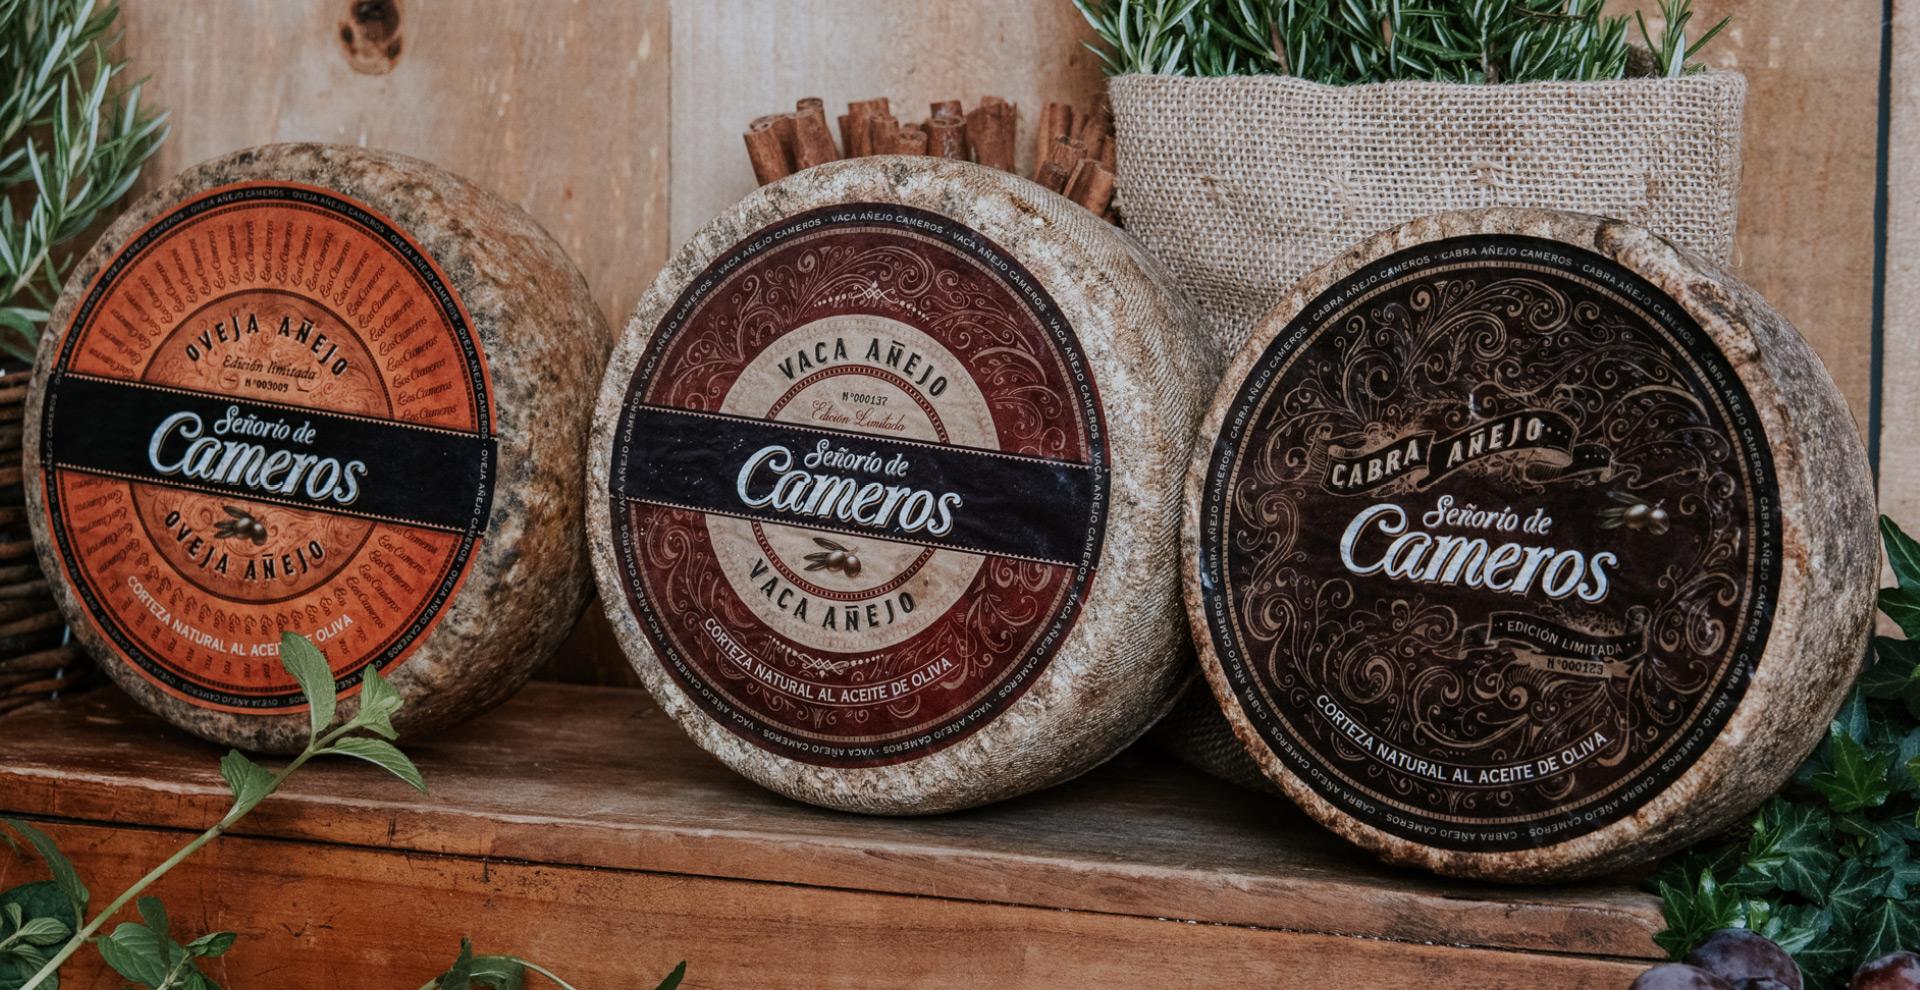 lacteos_martinez-queso_los_cameros-cabecera